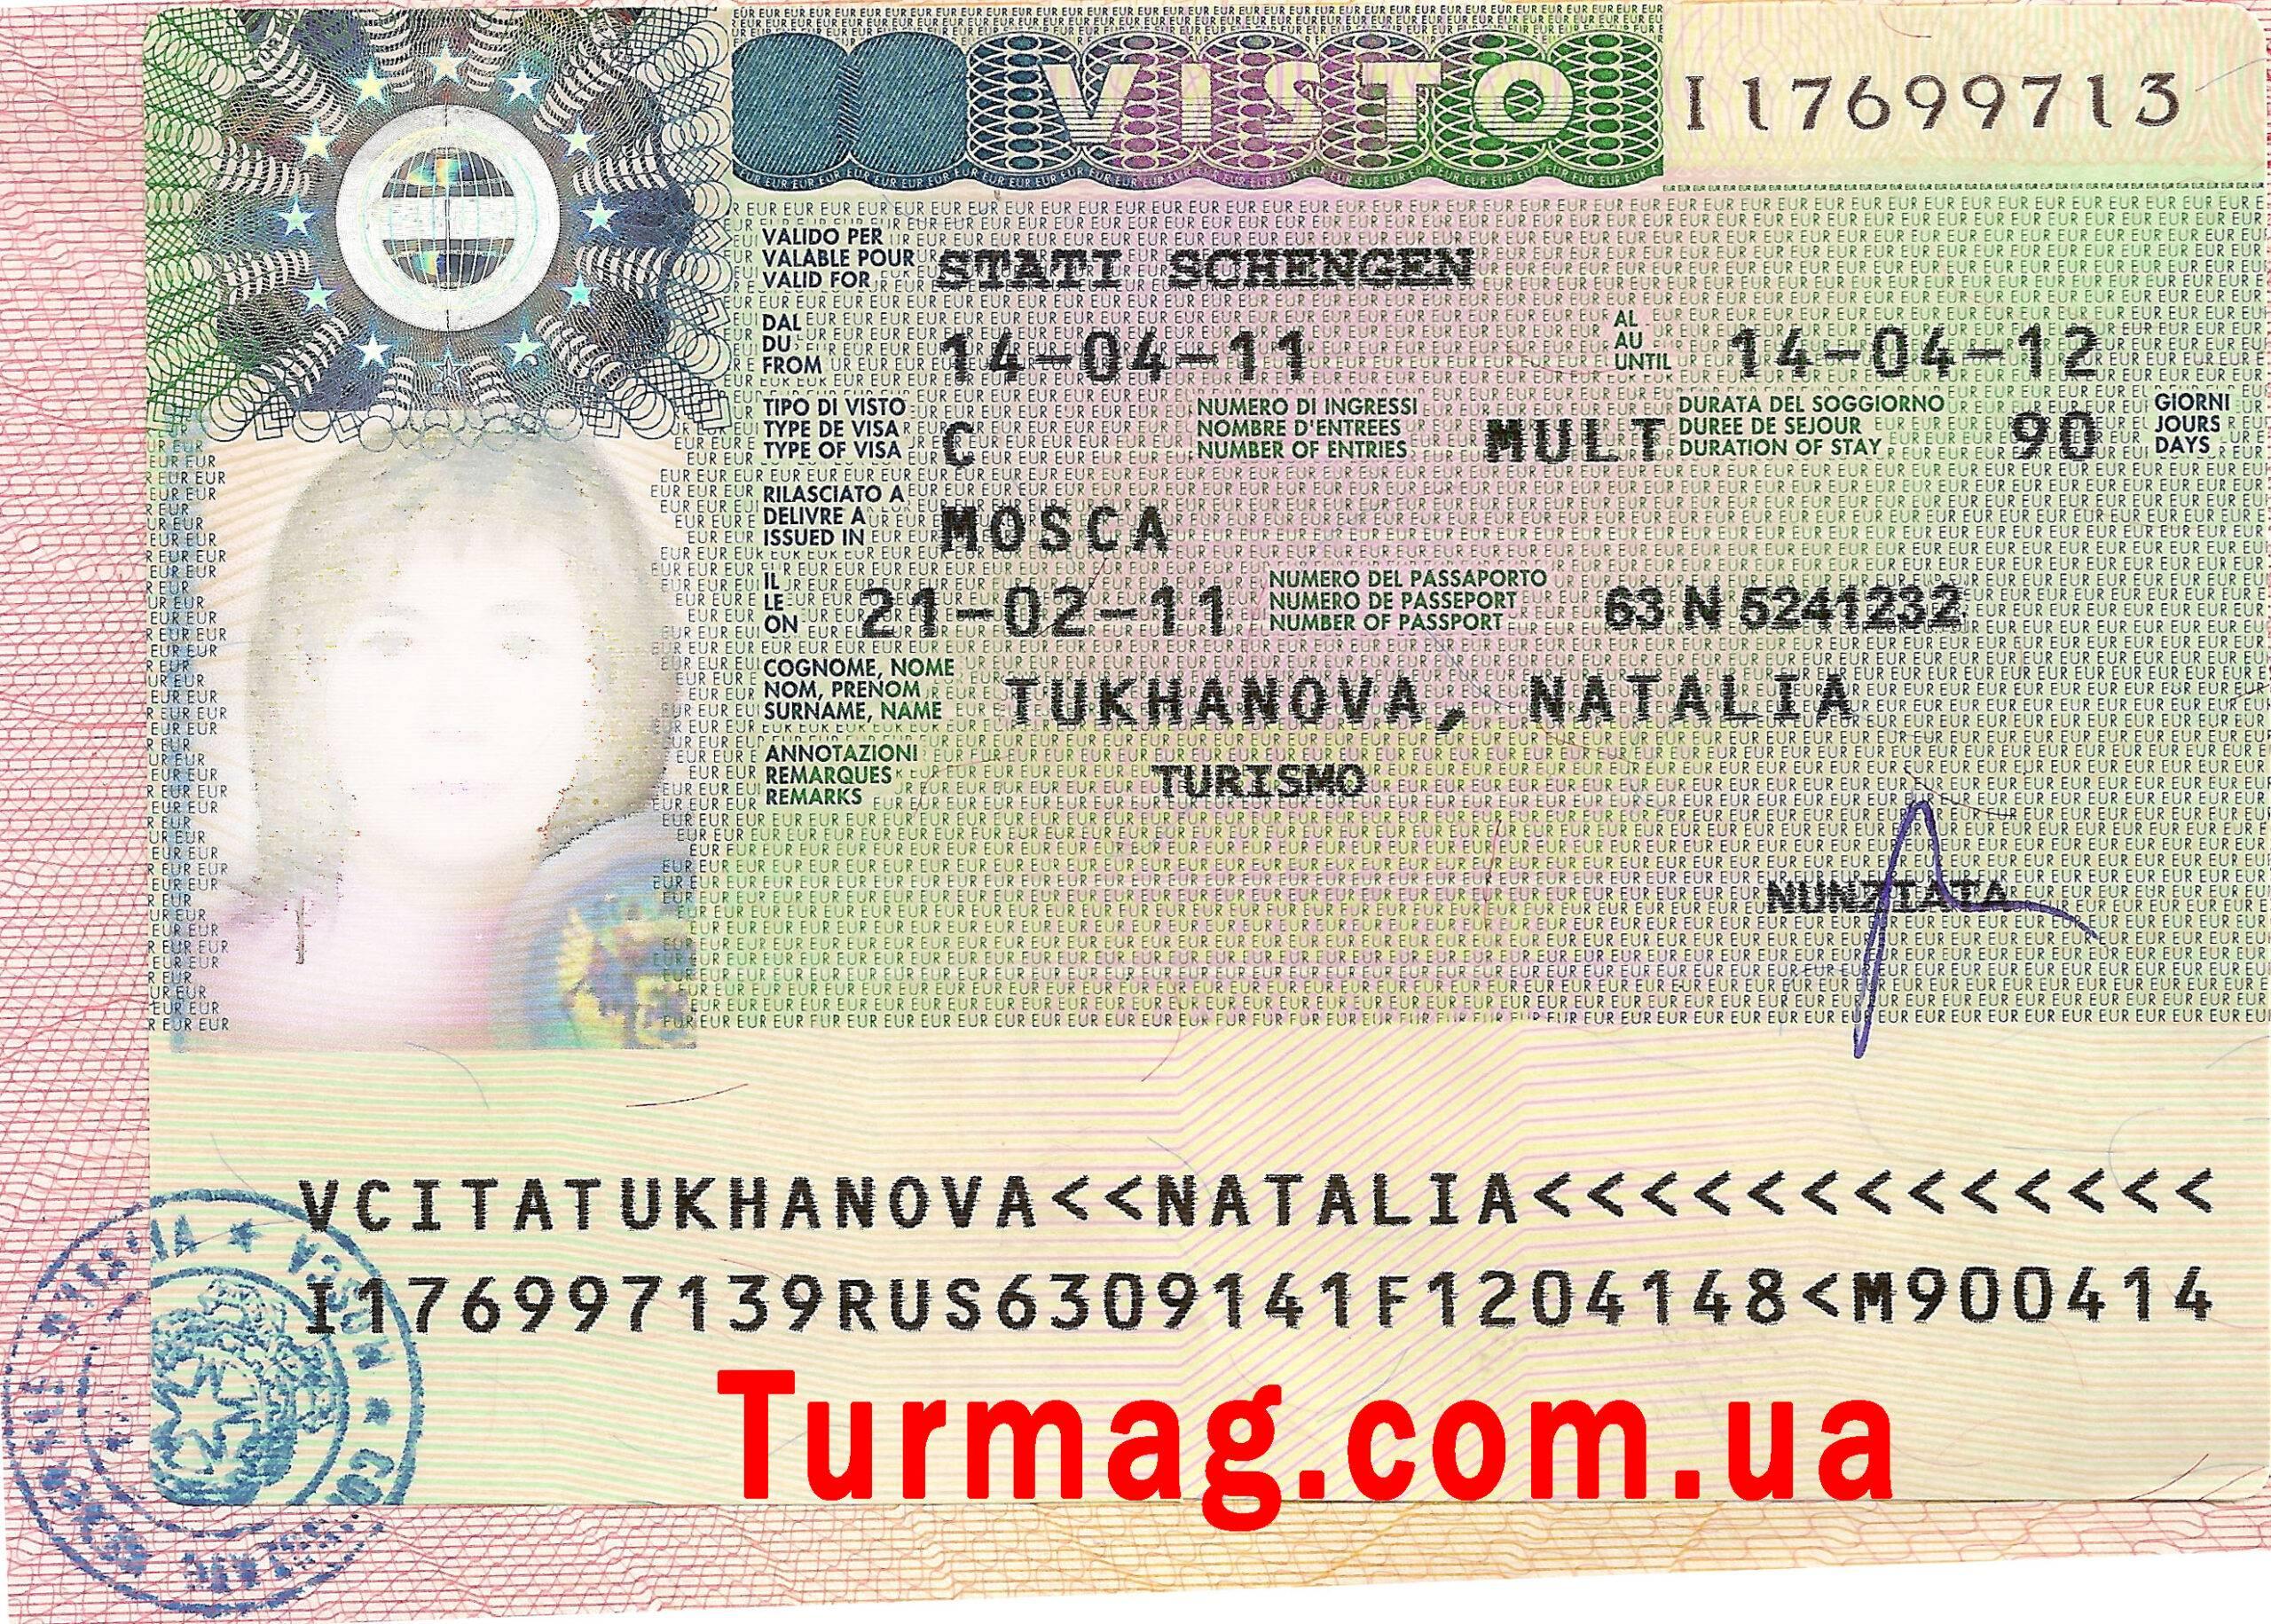 Шенгенская виза в италию - правило первого въезда для россиян